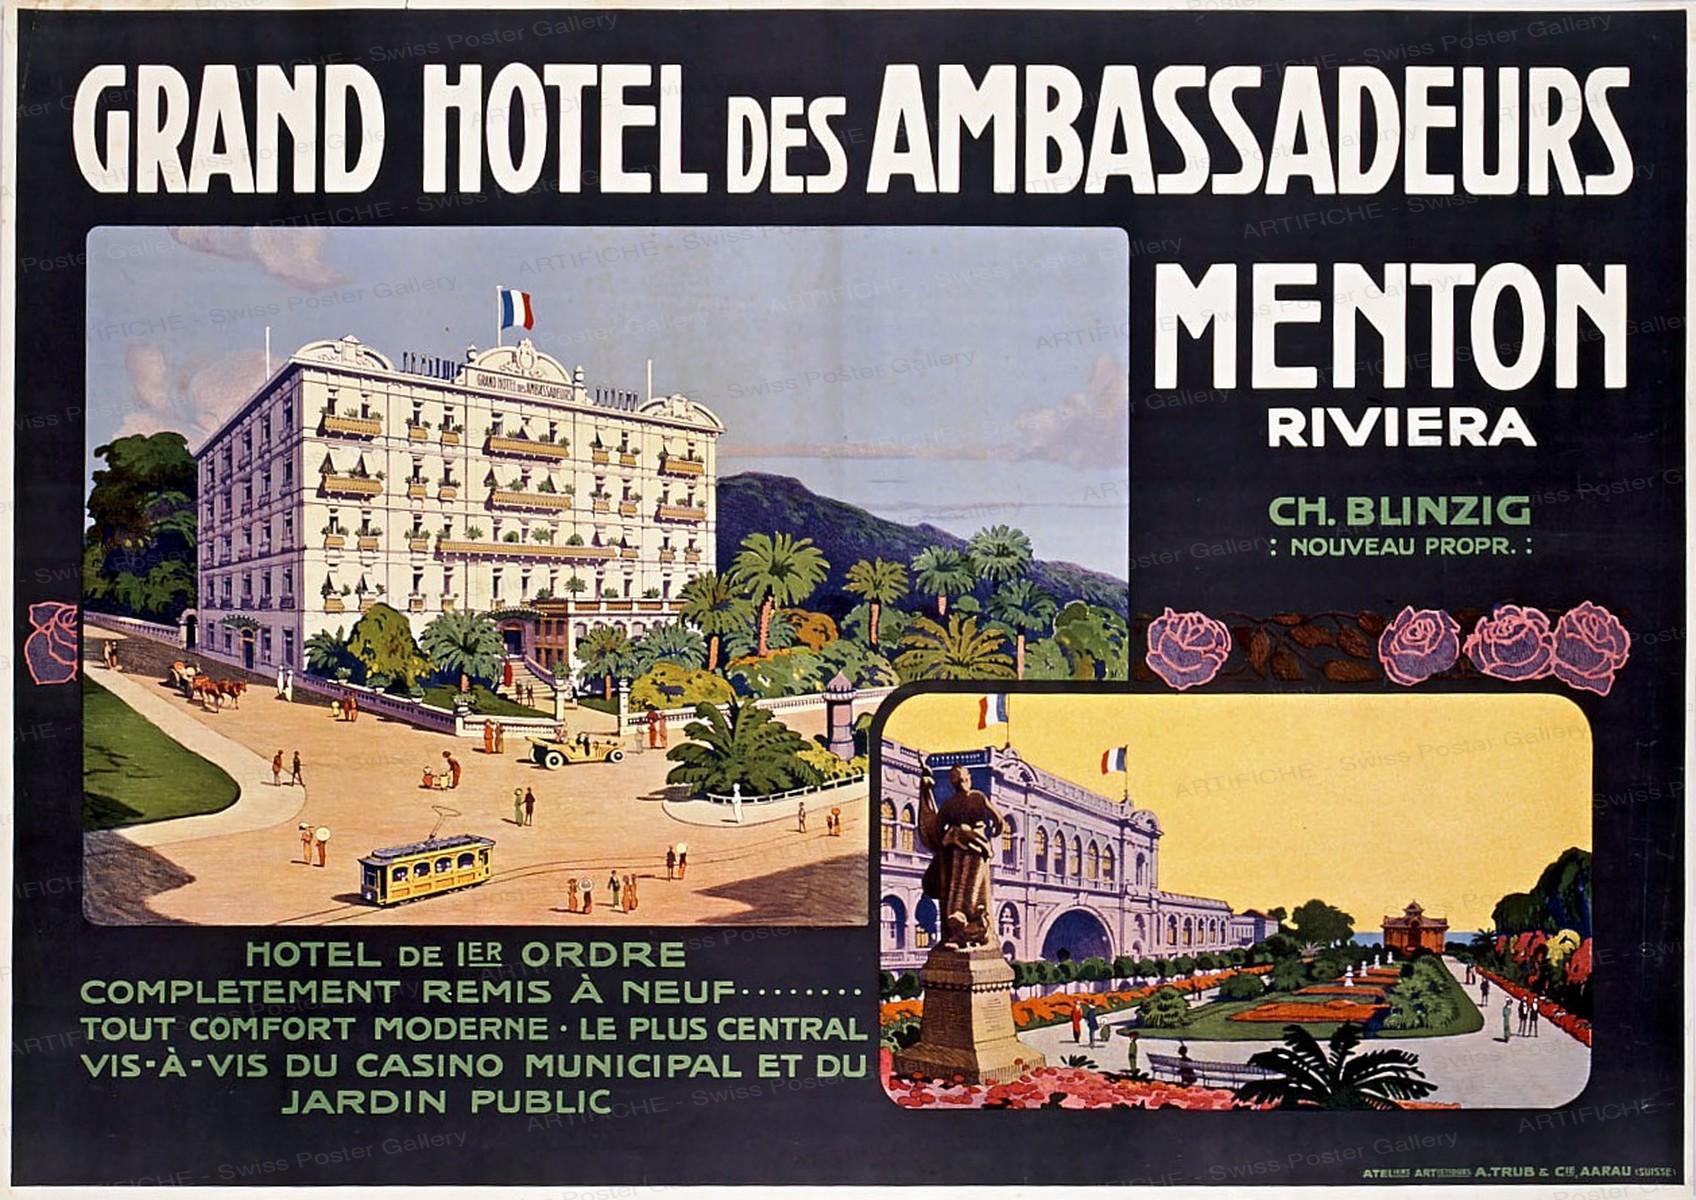 GRAND HÔTEL des AMBASSADEURS – Menton Riviera, Artist unknown